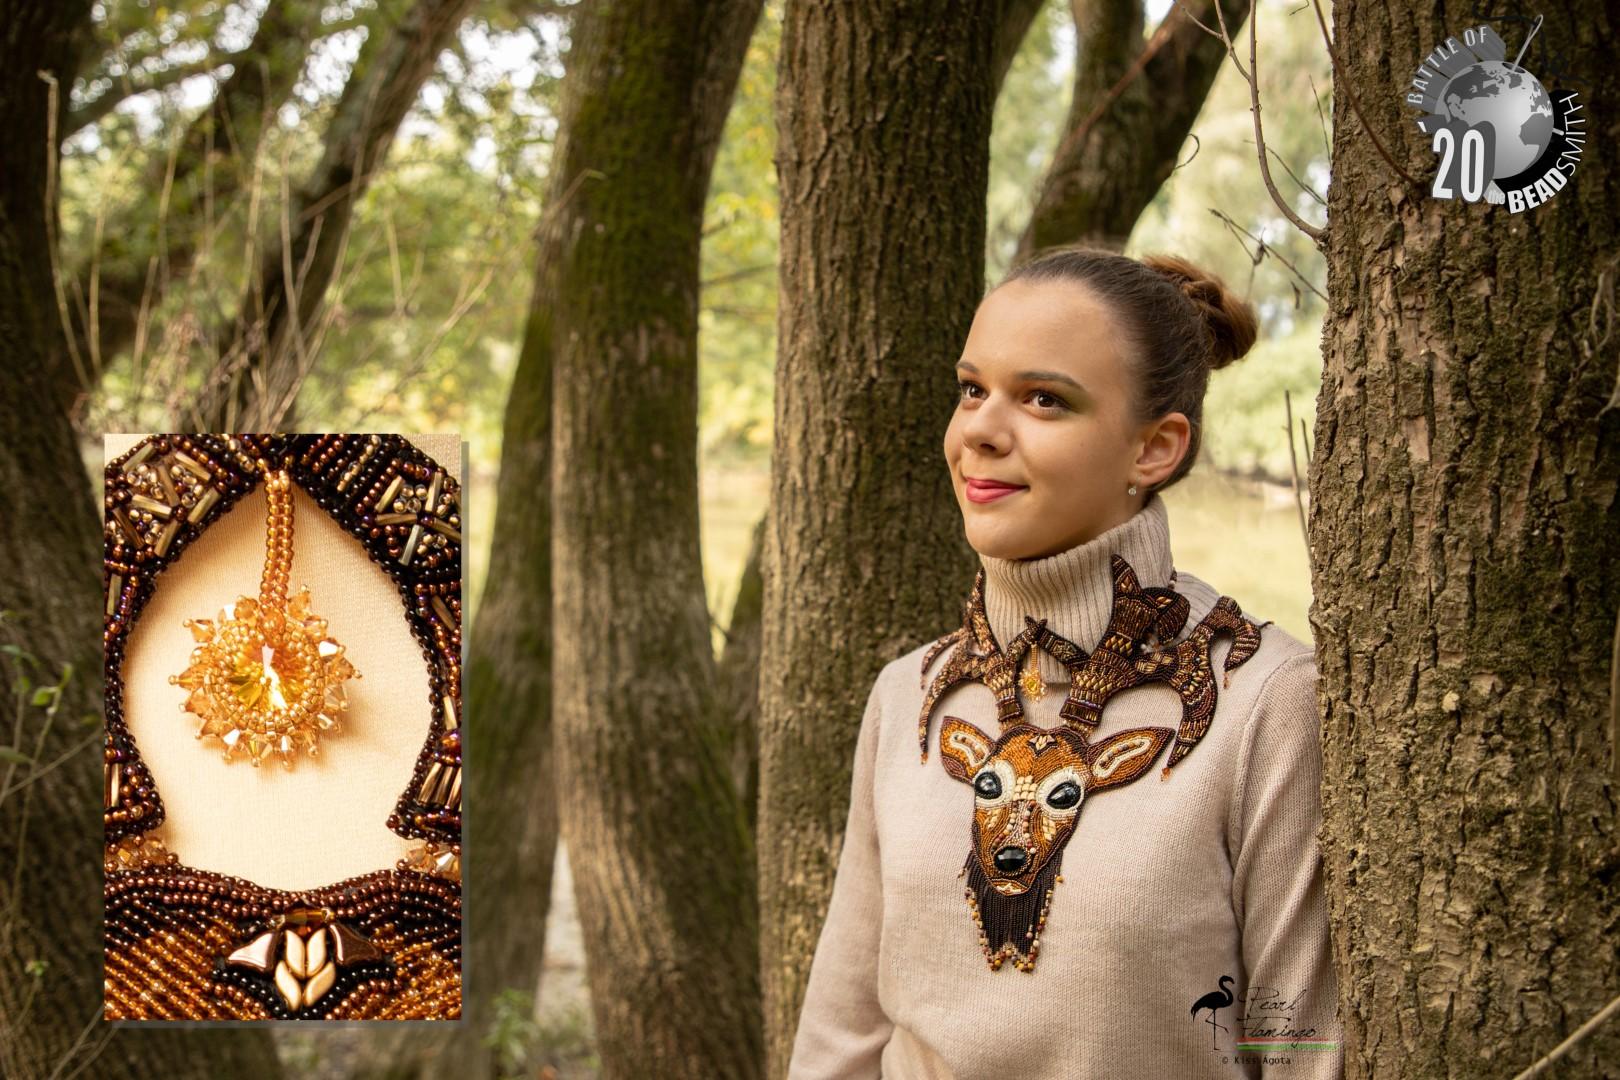 A magyar csodaszarvas, amit Amerikában is elismertek